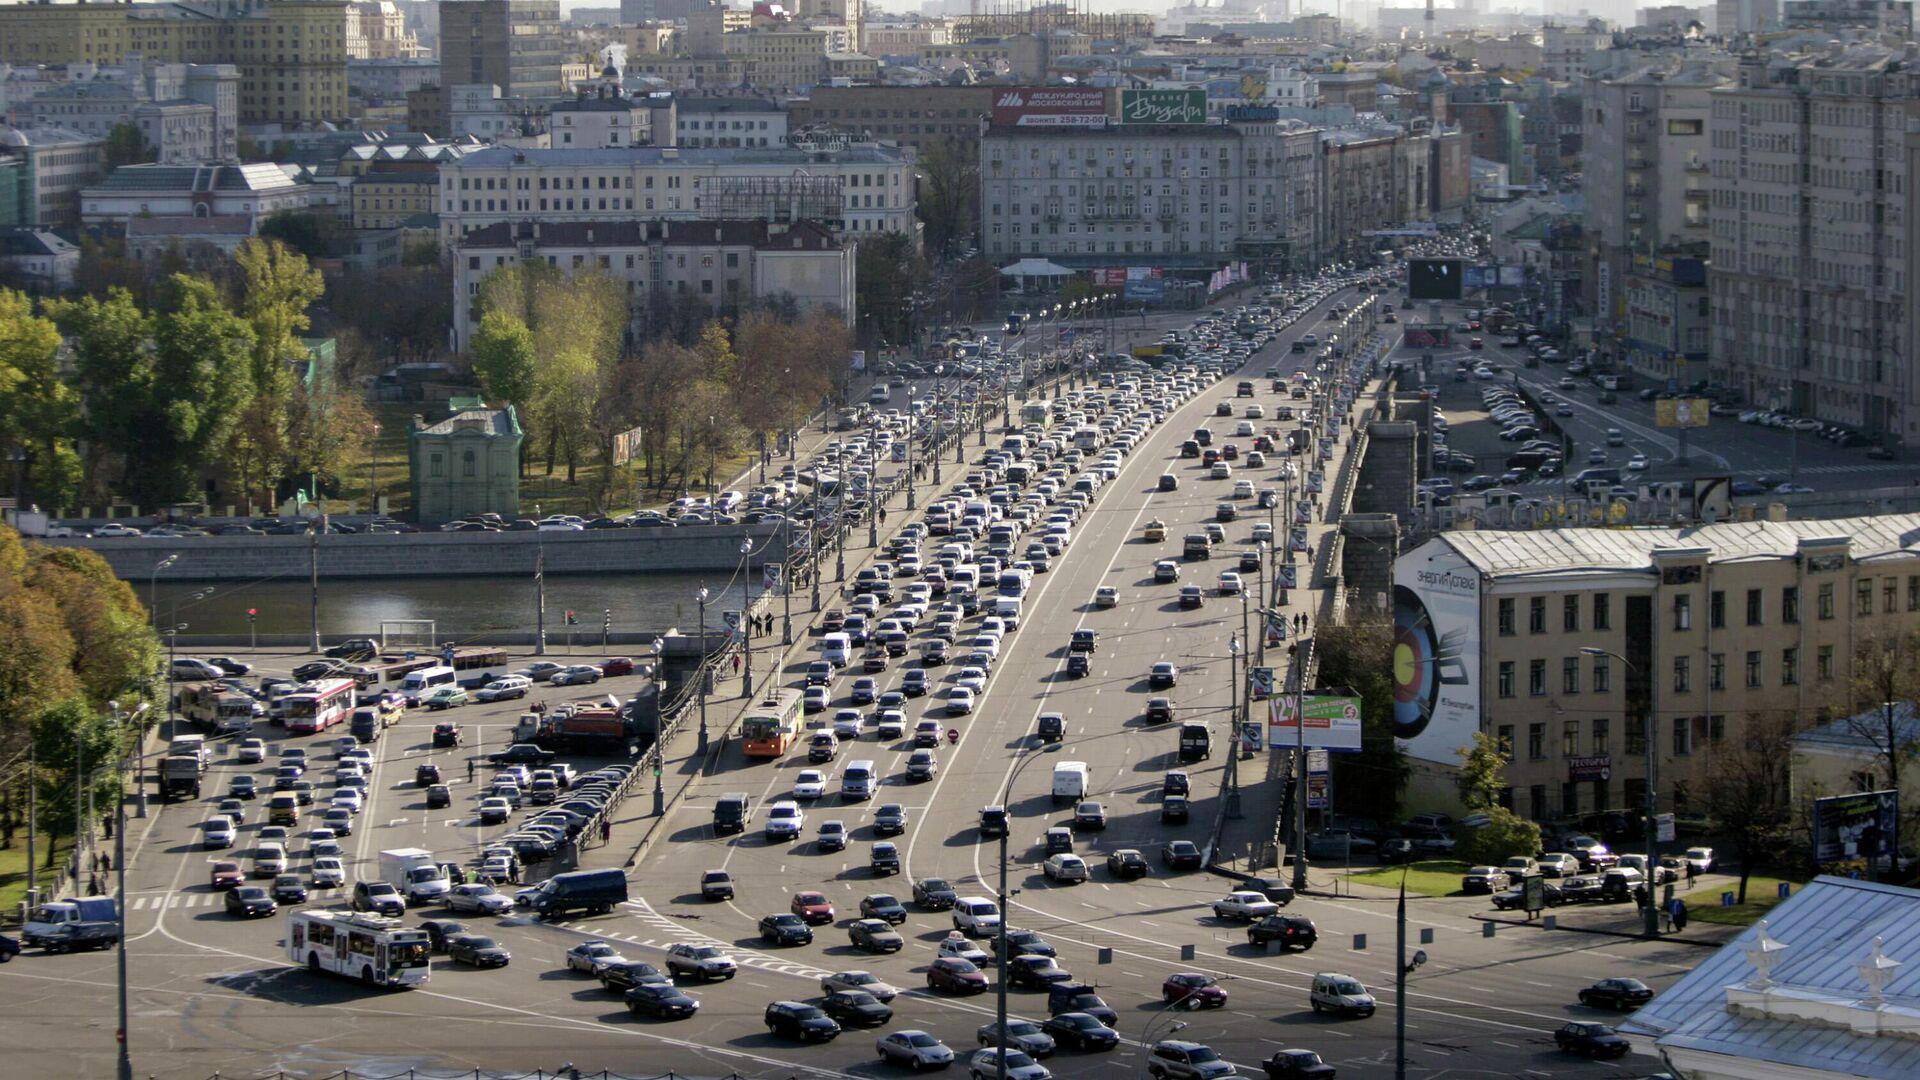 1577770471 0:312:3000:2000 1920x0 80 0 0 3083f45d54da6d34116ce05bb11b9a25 - Бюджет Москвы на следующий год будет дефицитным